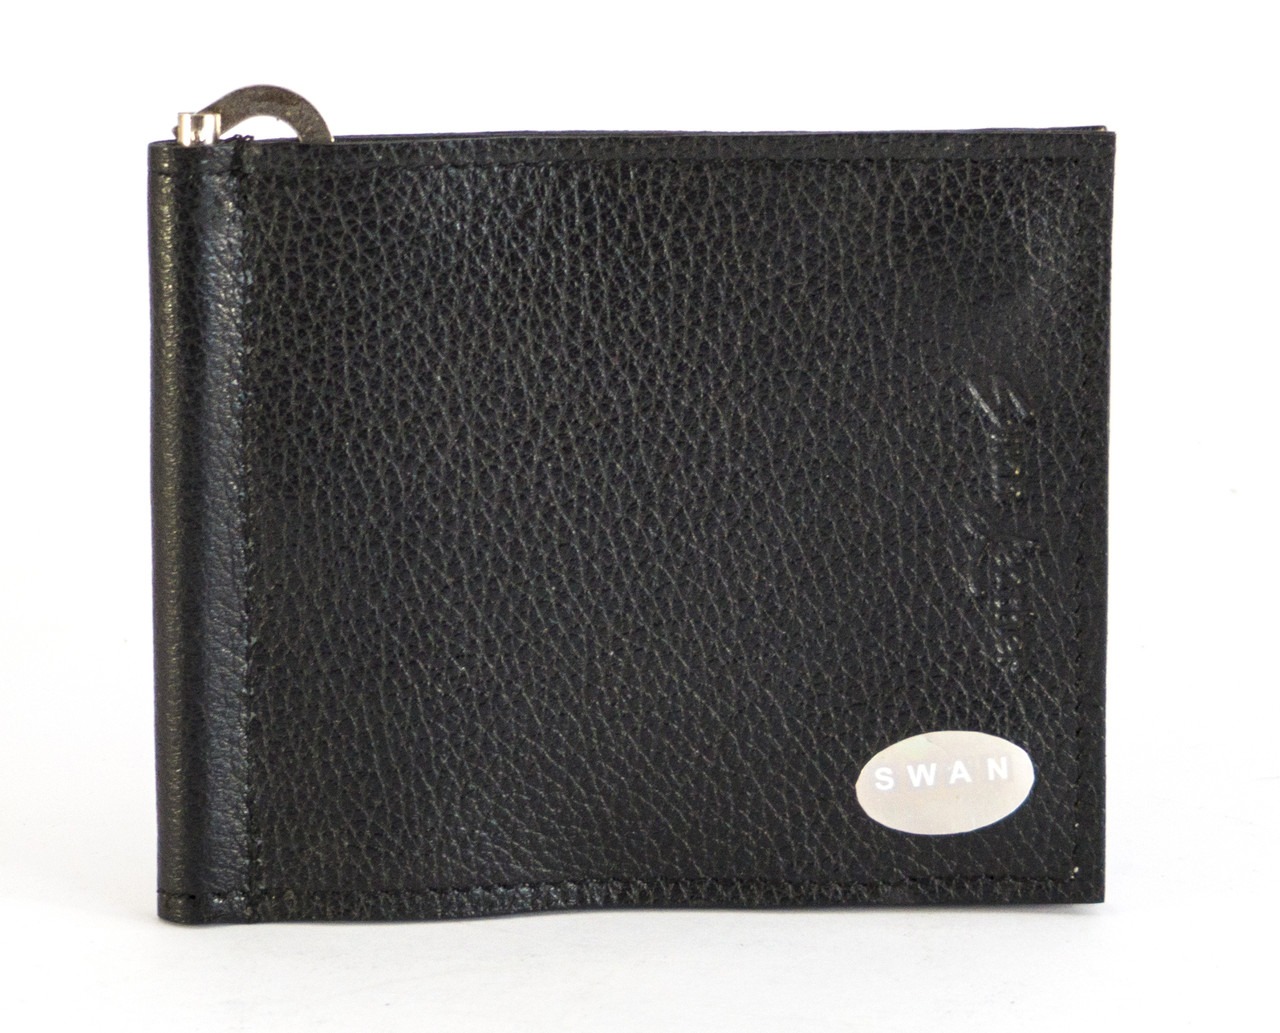 Кожаный компактный мужской зажим для денег  SWAN art. 0014 black